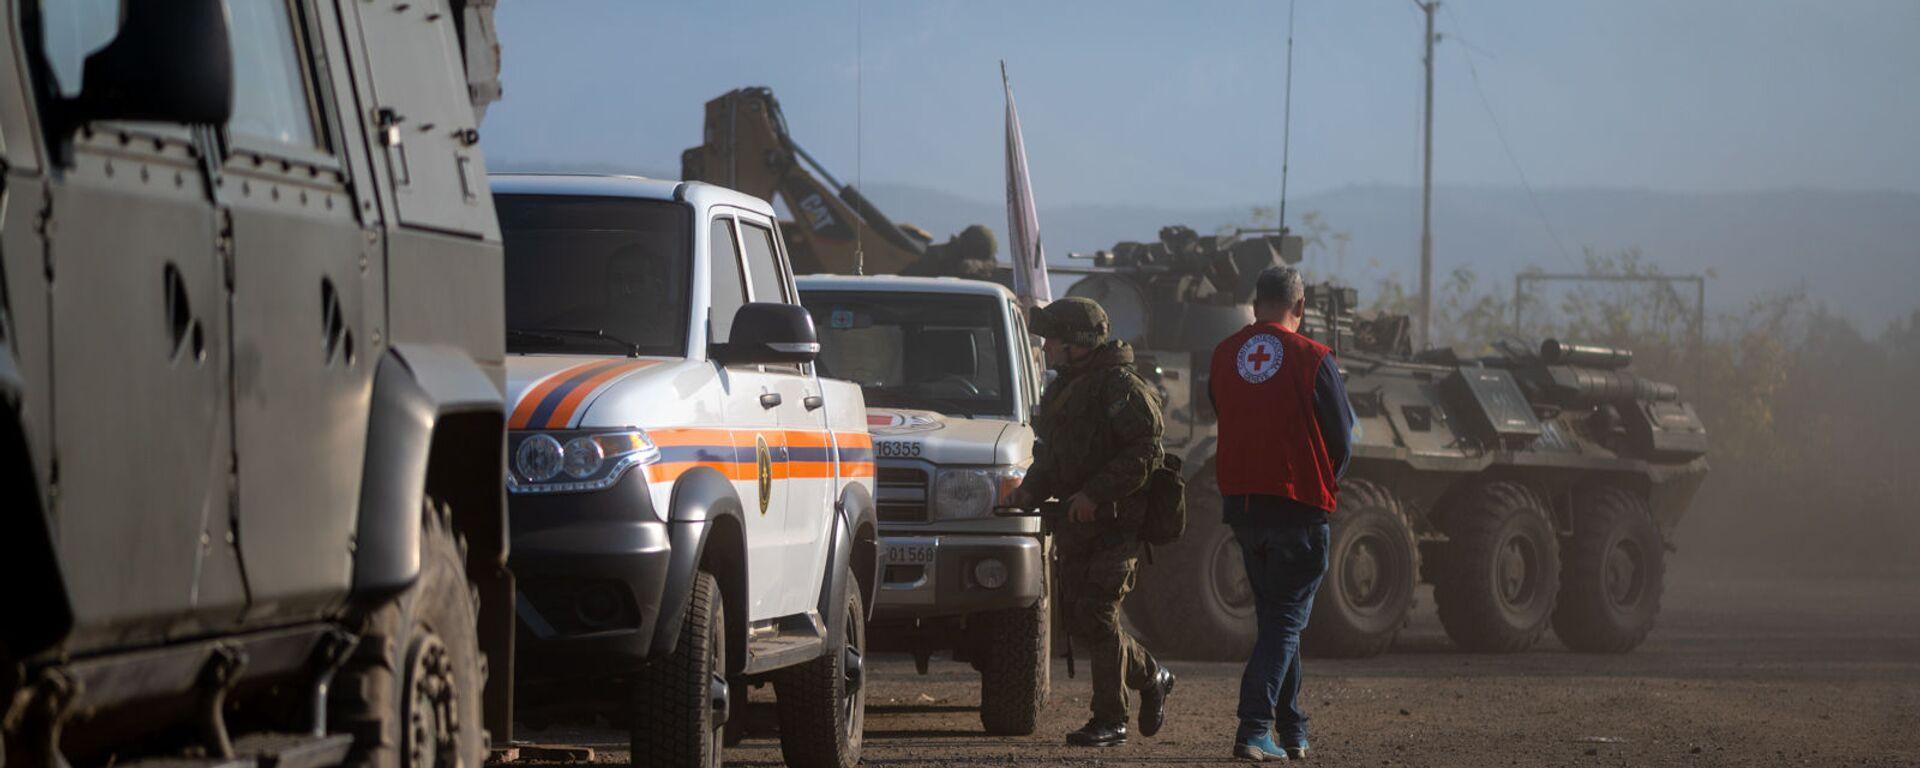 Блокпост российских миротворческих сил в Лачинском коридоре (17 ноября 2020). Карабах - Sputnik Արմենիա, 1920, 18.09.2021